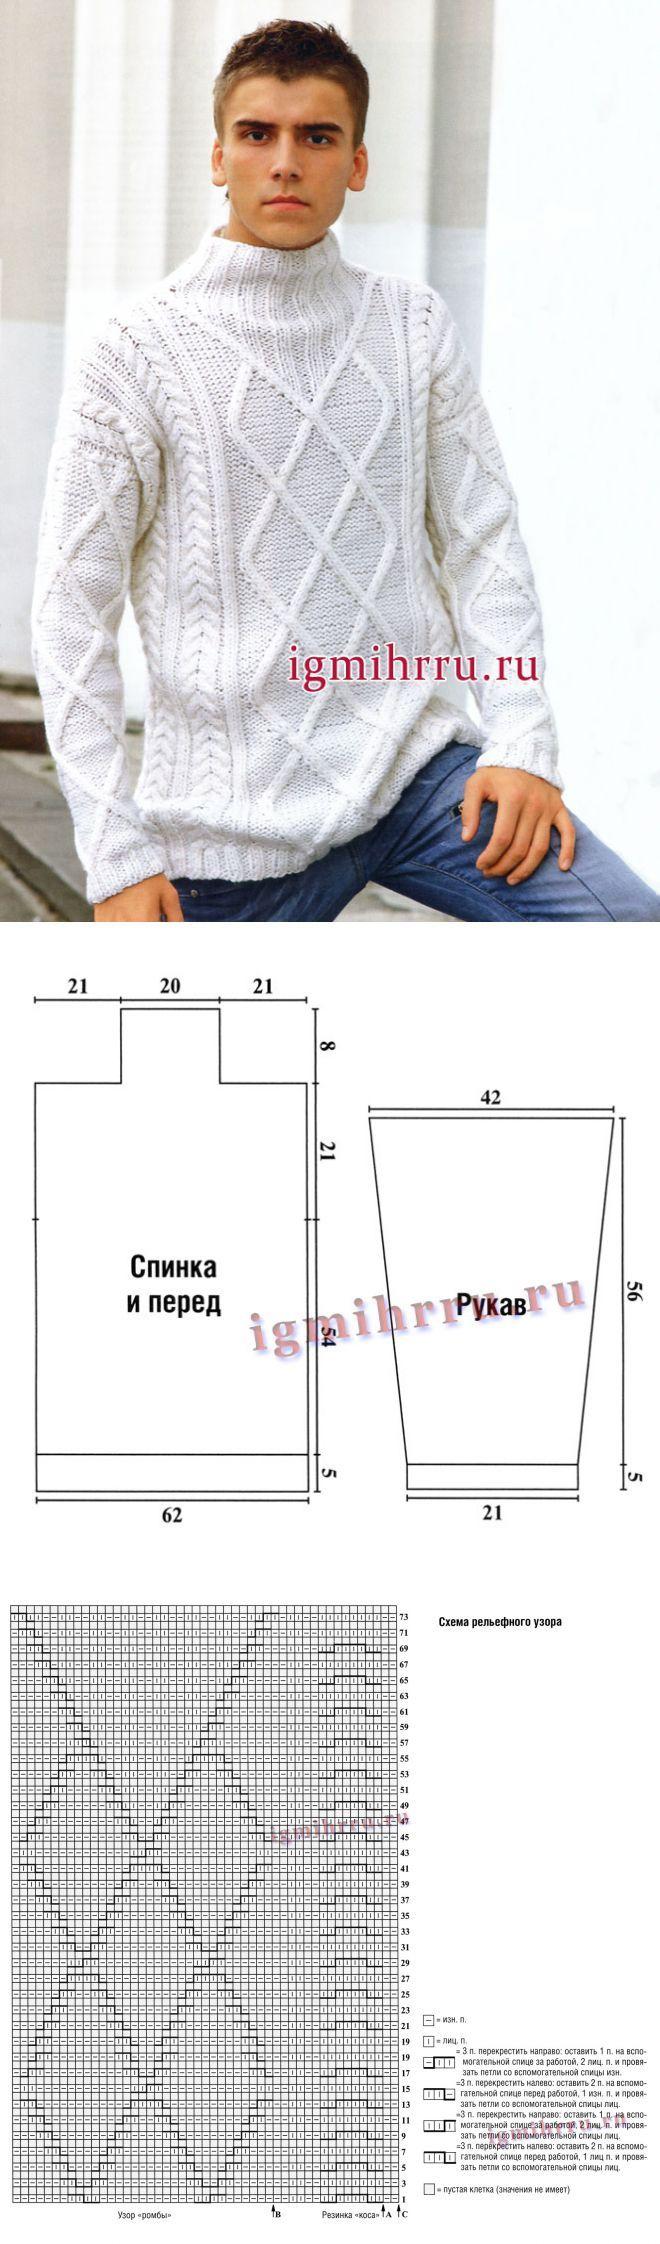 Мужской рисунок для вязания спицами